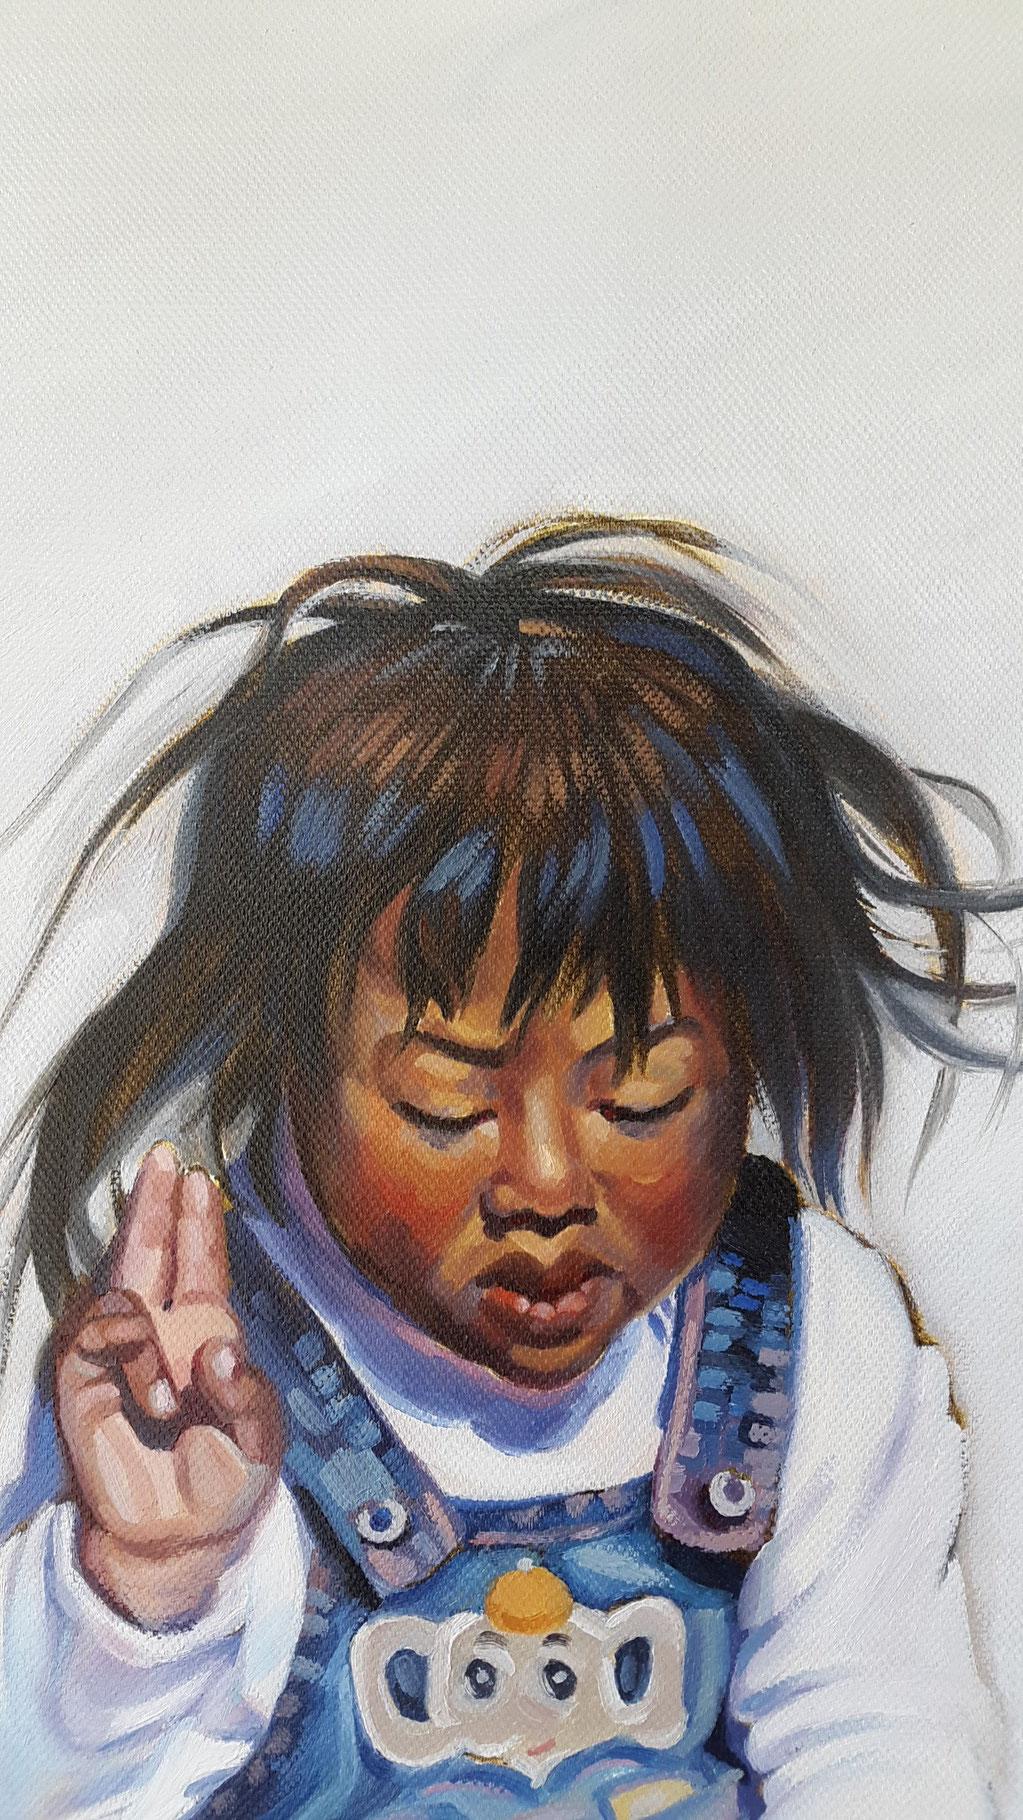 Kinder Tibets (Ausschnitt), Öl auf Leinwand